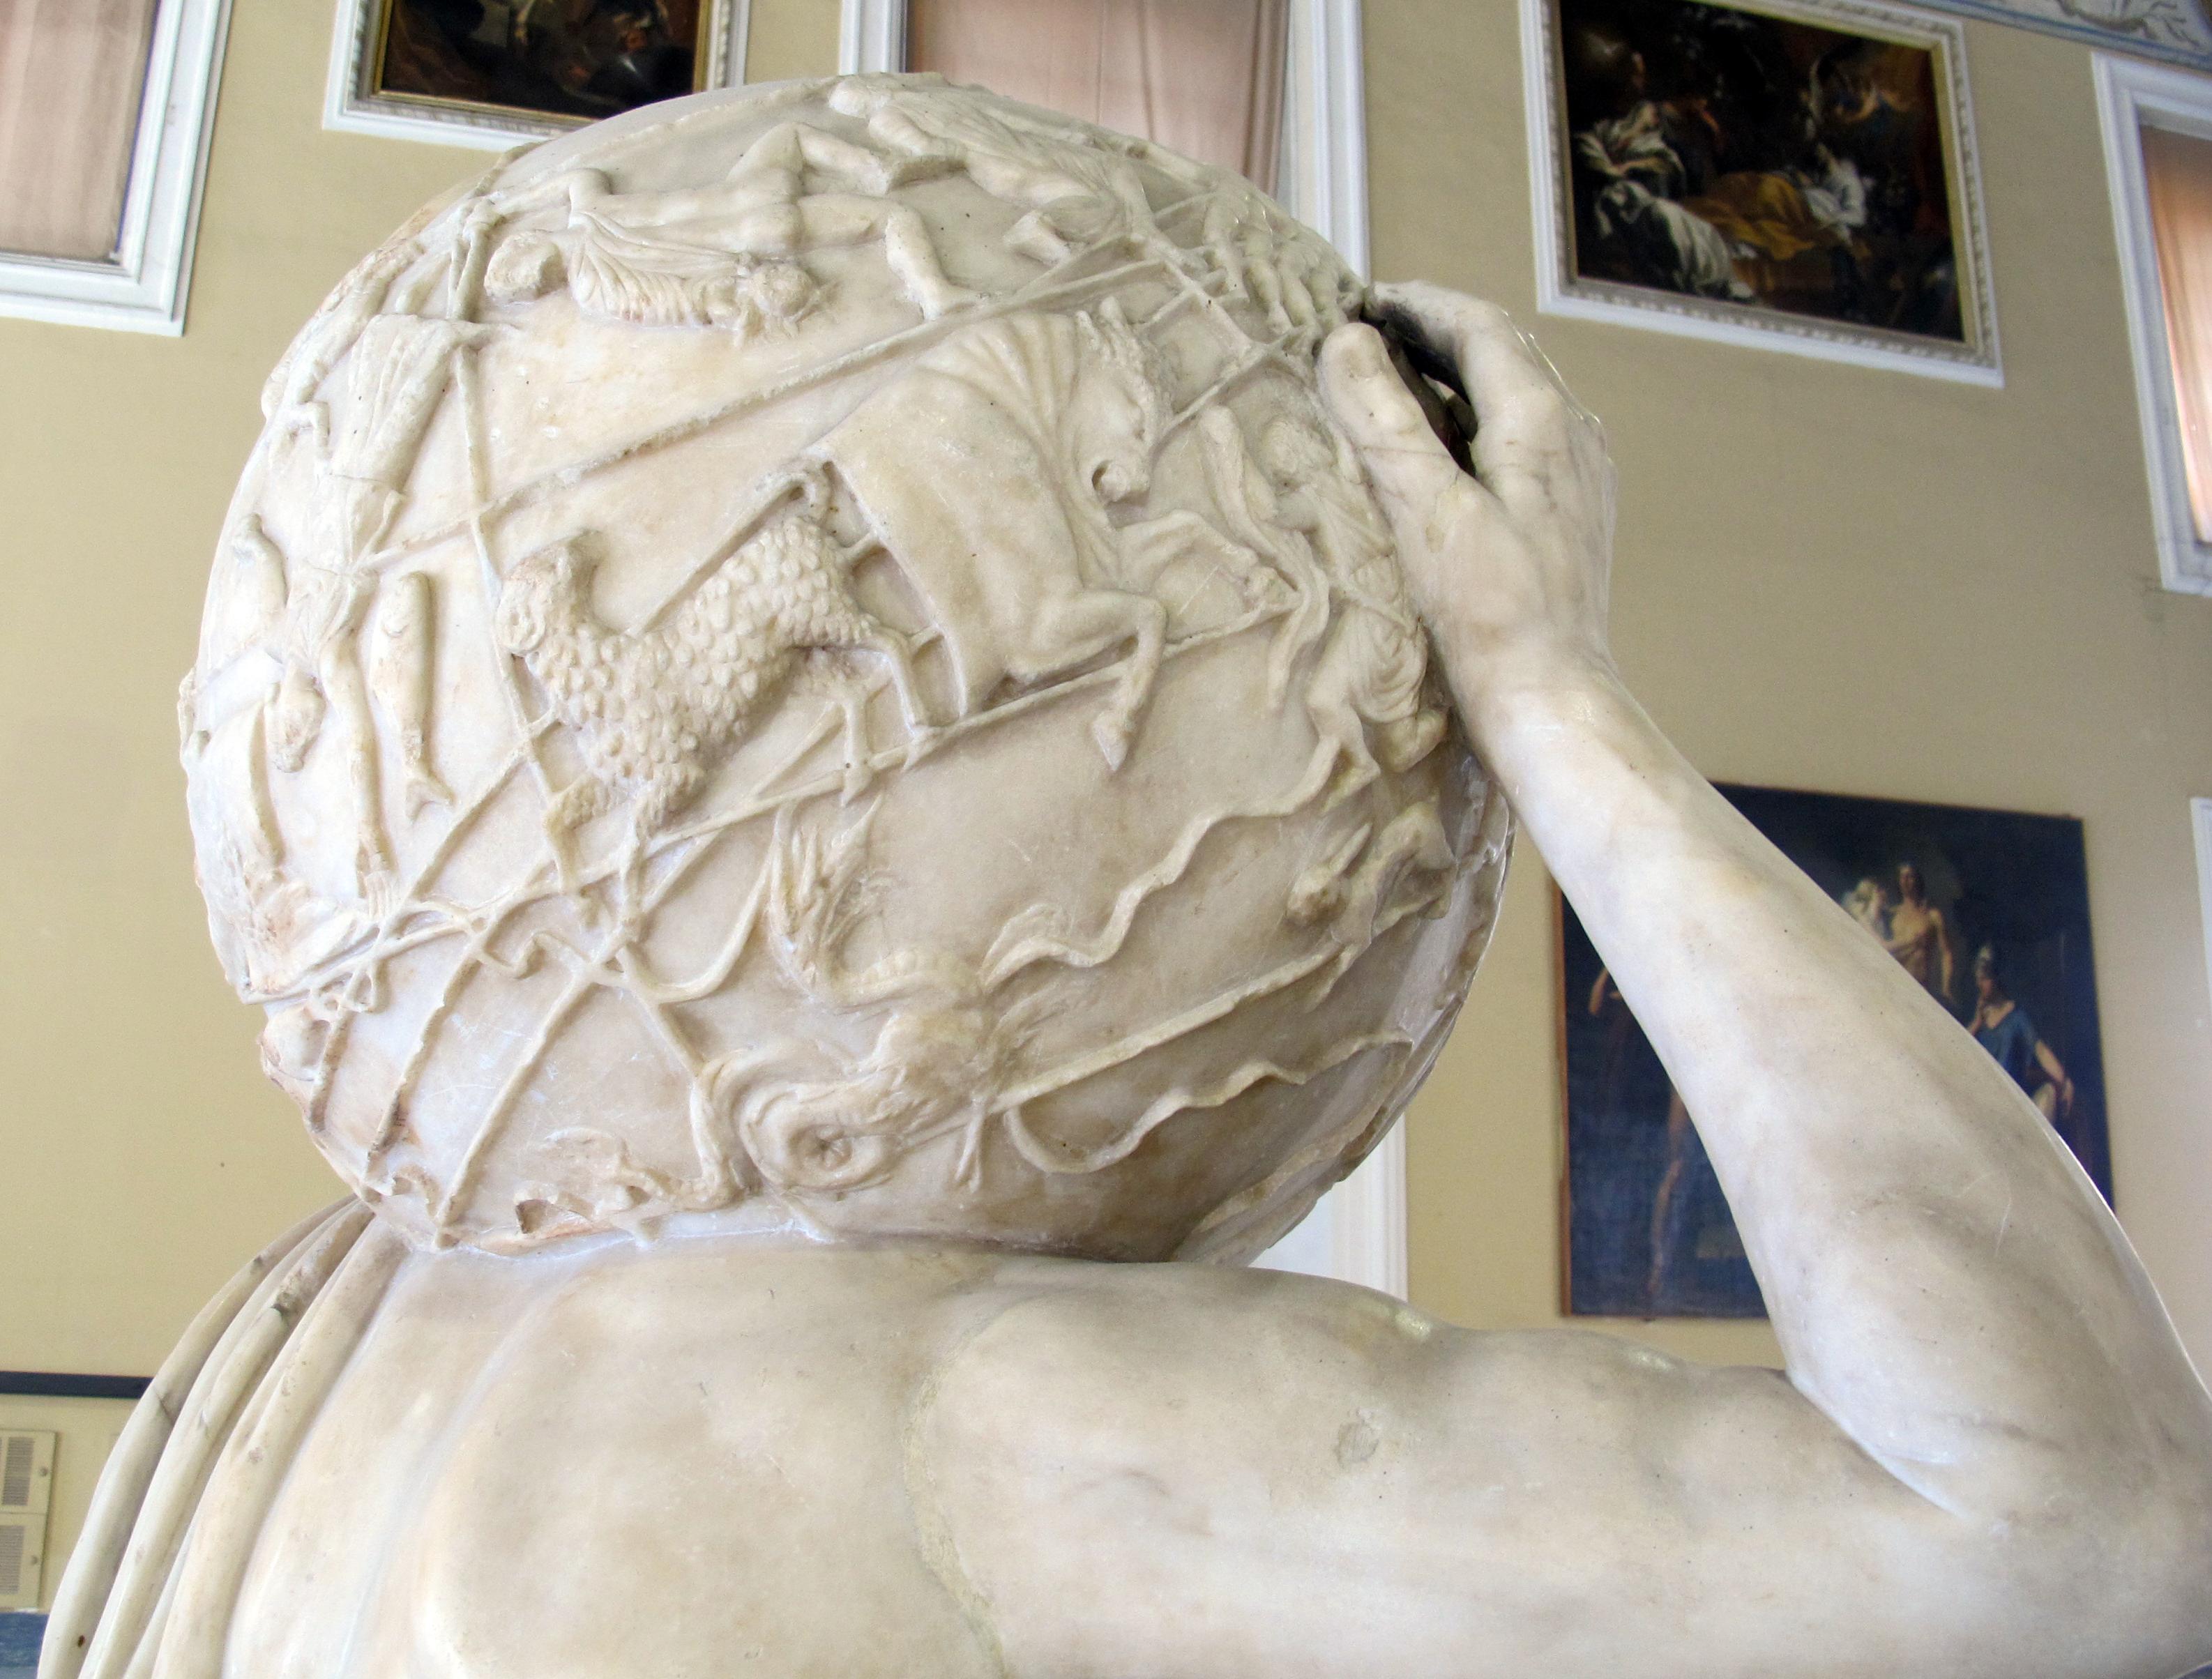 Farnese atlas. Romersk marmorskulptur fra 200-tallet. Bilde: Wikimedia Commons